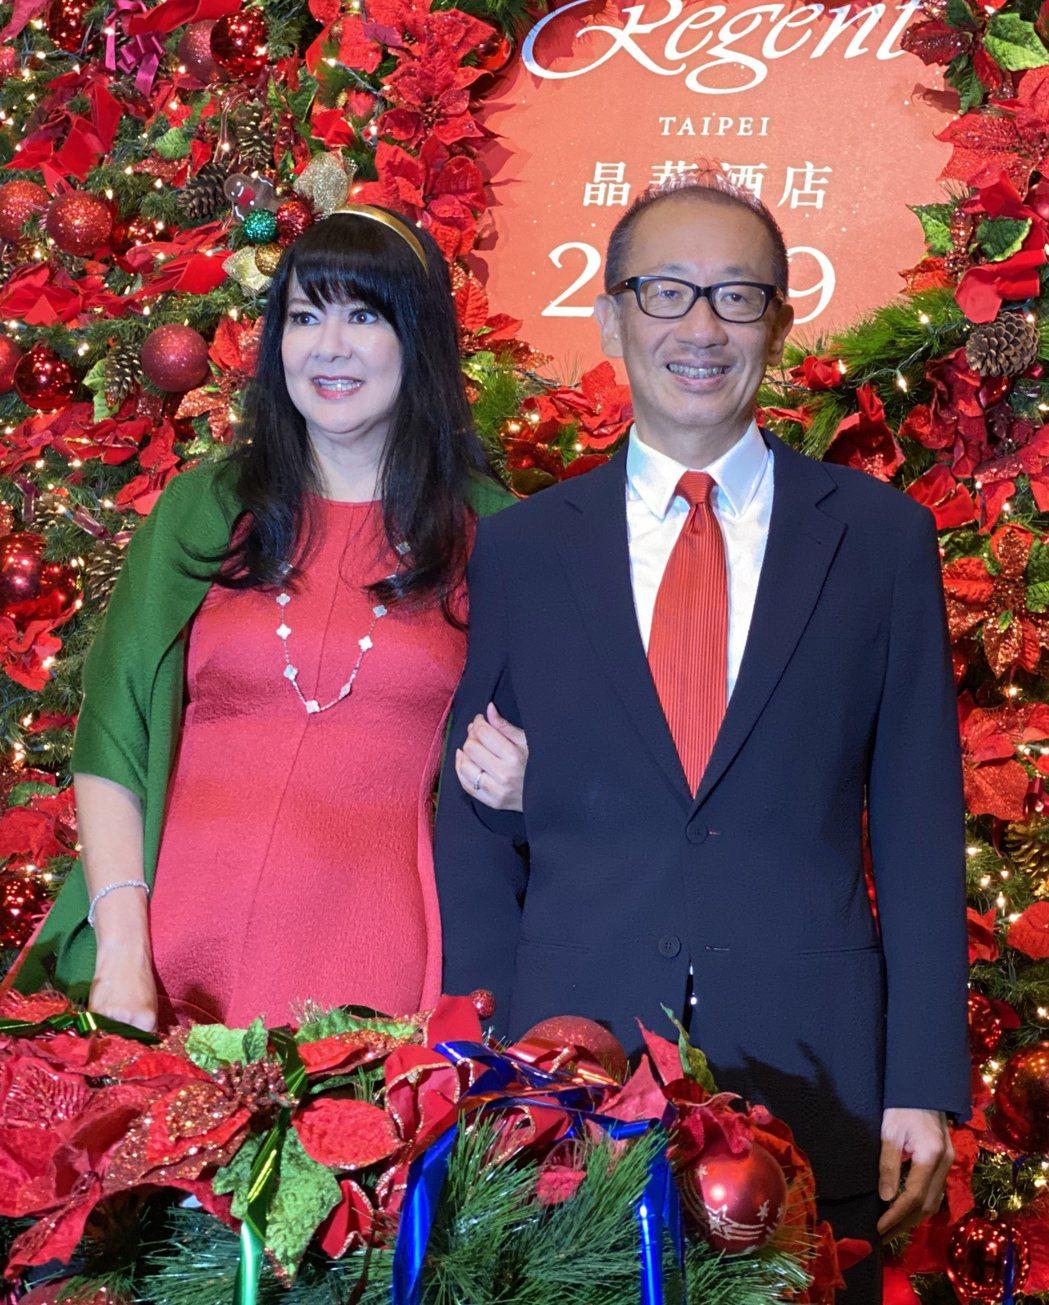 晶華酒店董事長潘思亮(右)伉儷(夫人蔣一惠)共同出席聖誕點燈儀式。記者黃文奇/攝...